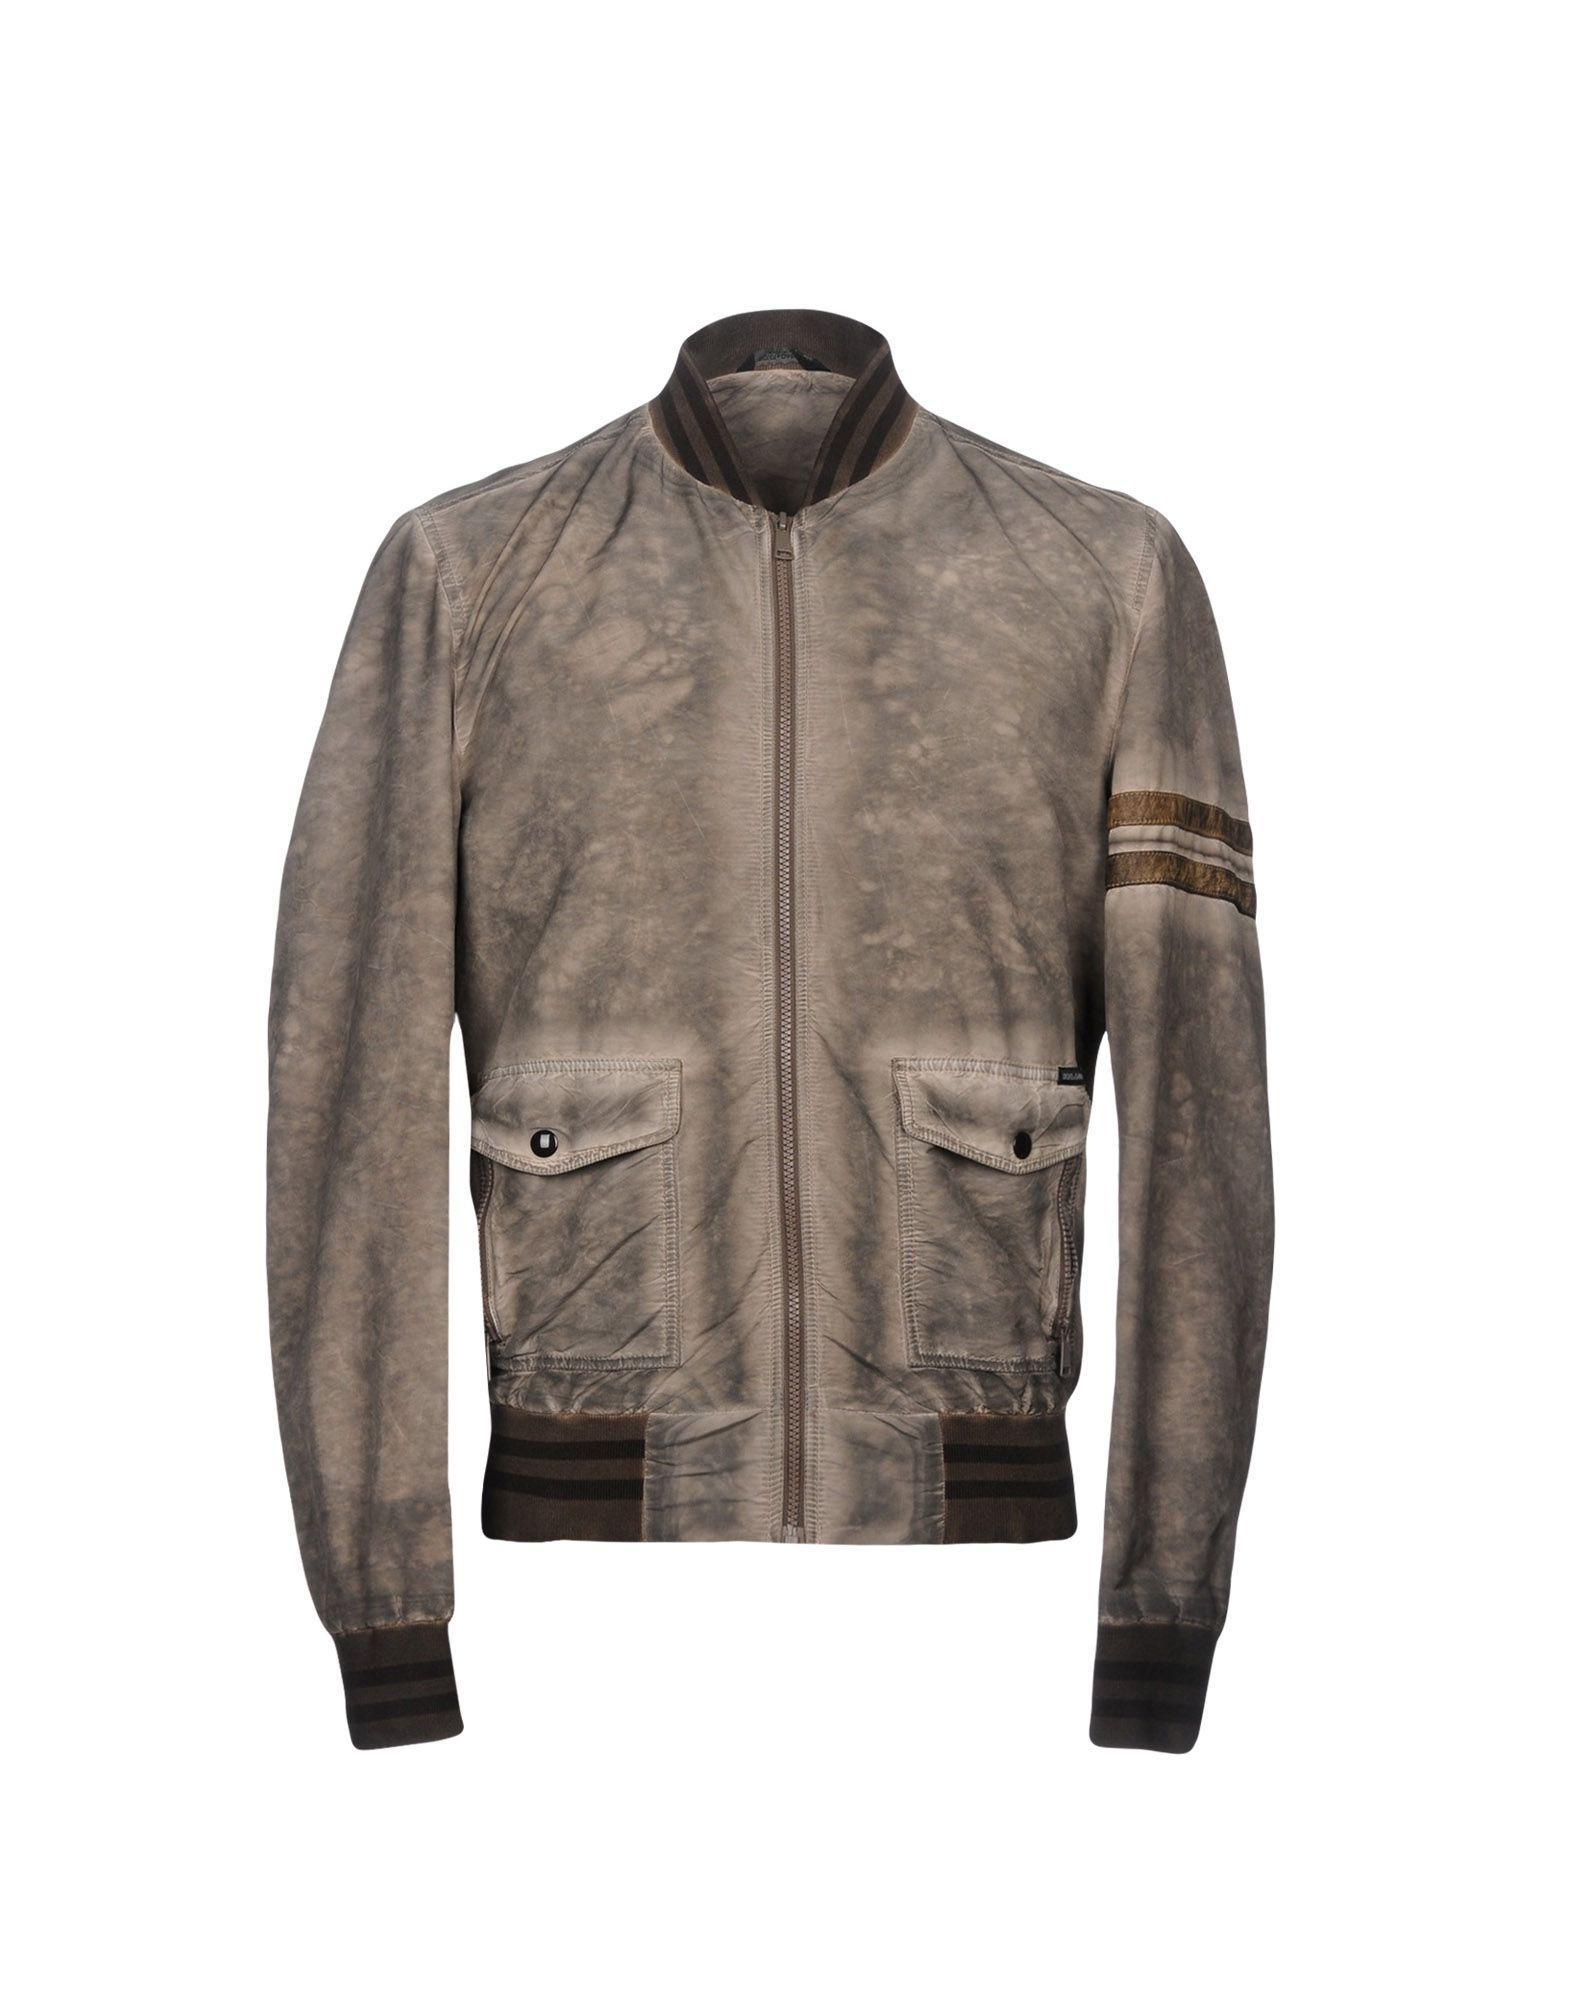 Dolce & Gabbana Jackets In Grey